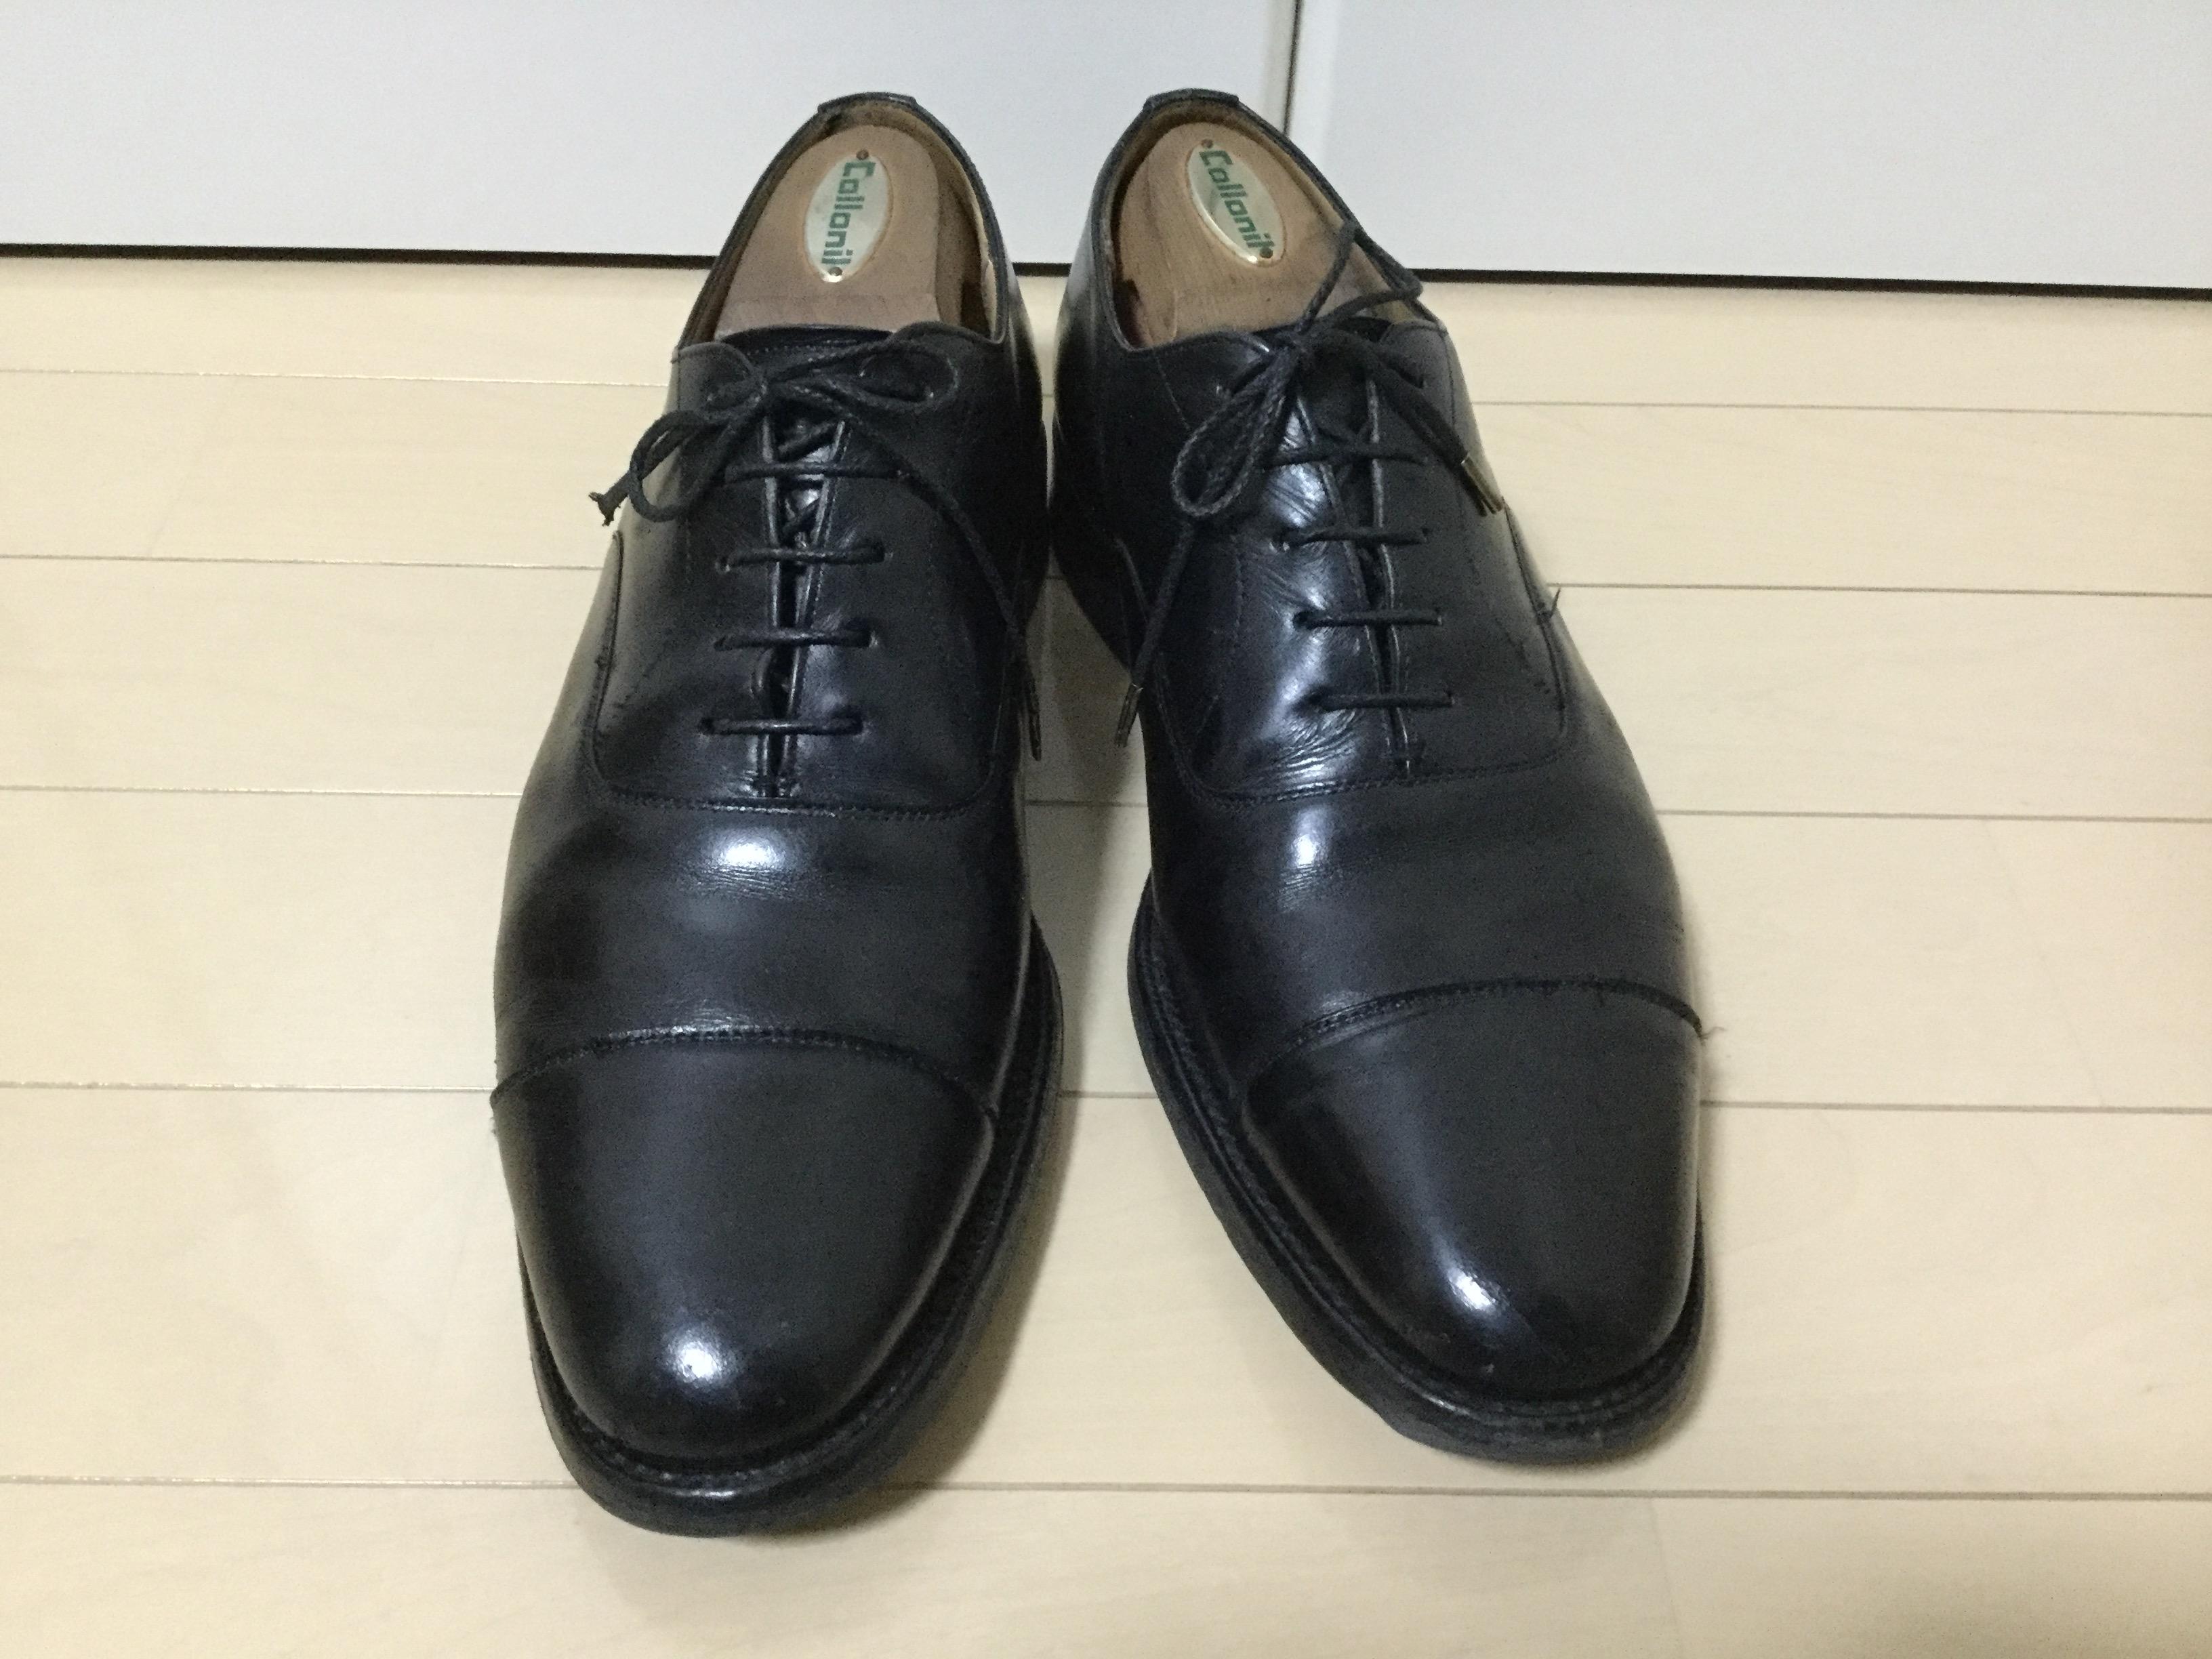 チャーチコンサル靴磨き後